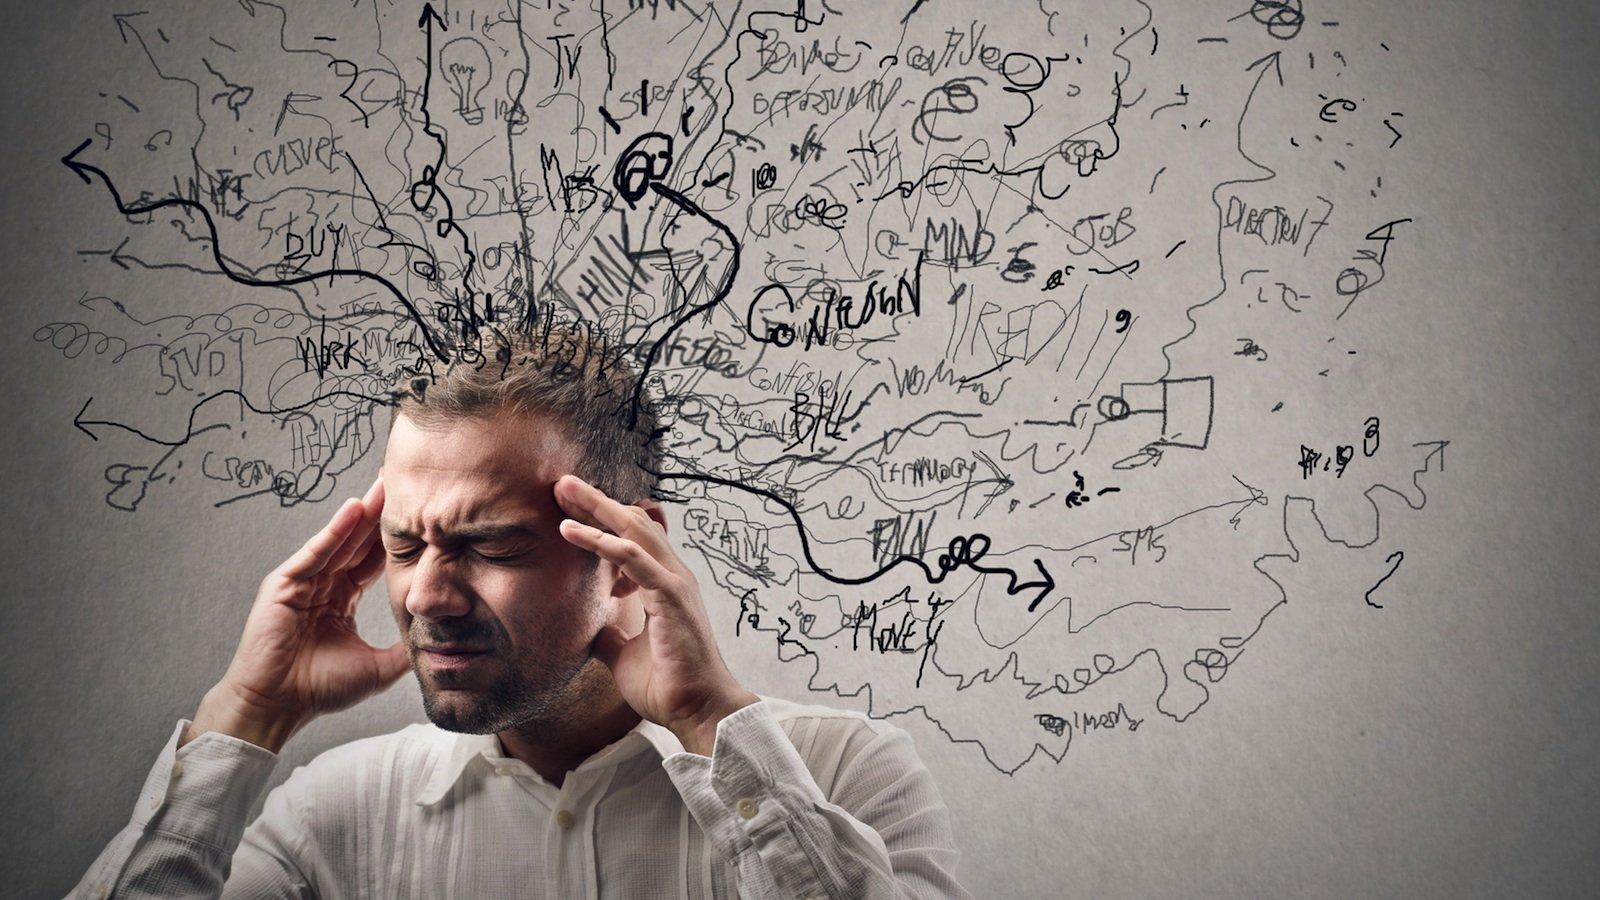 Стрессовые ситуации, изменения в гормональном фоне, неправильный образ жизни могут быть причинами отсутствия эрекции по утрам